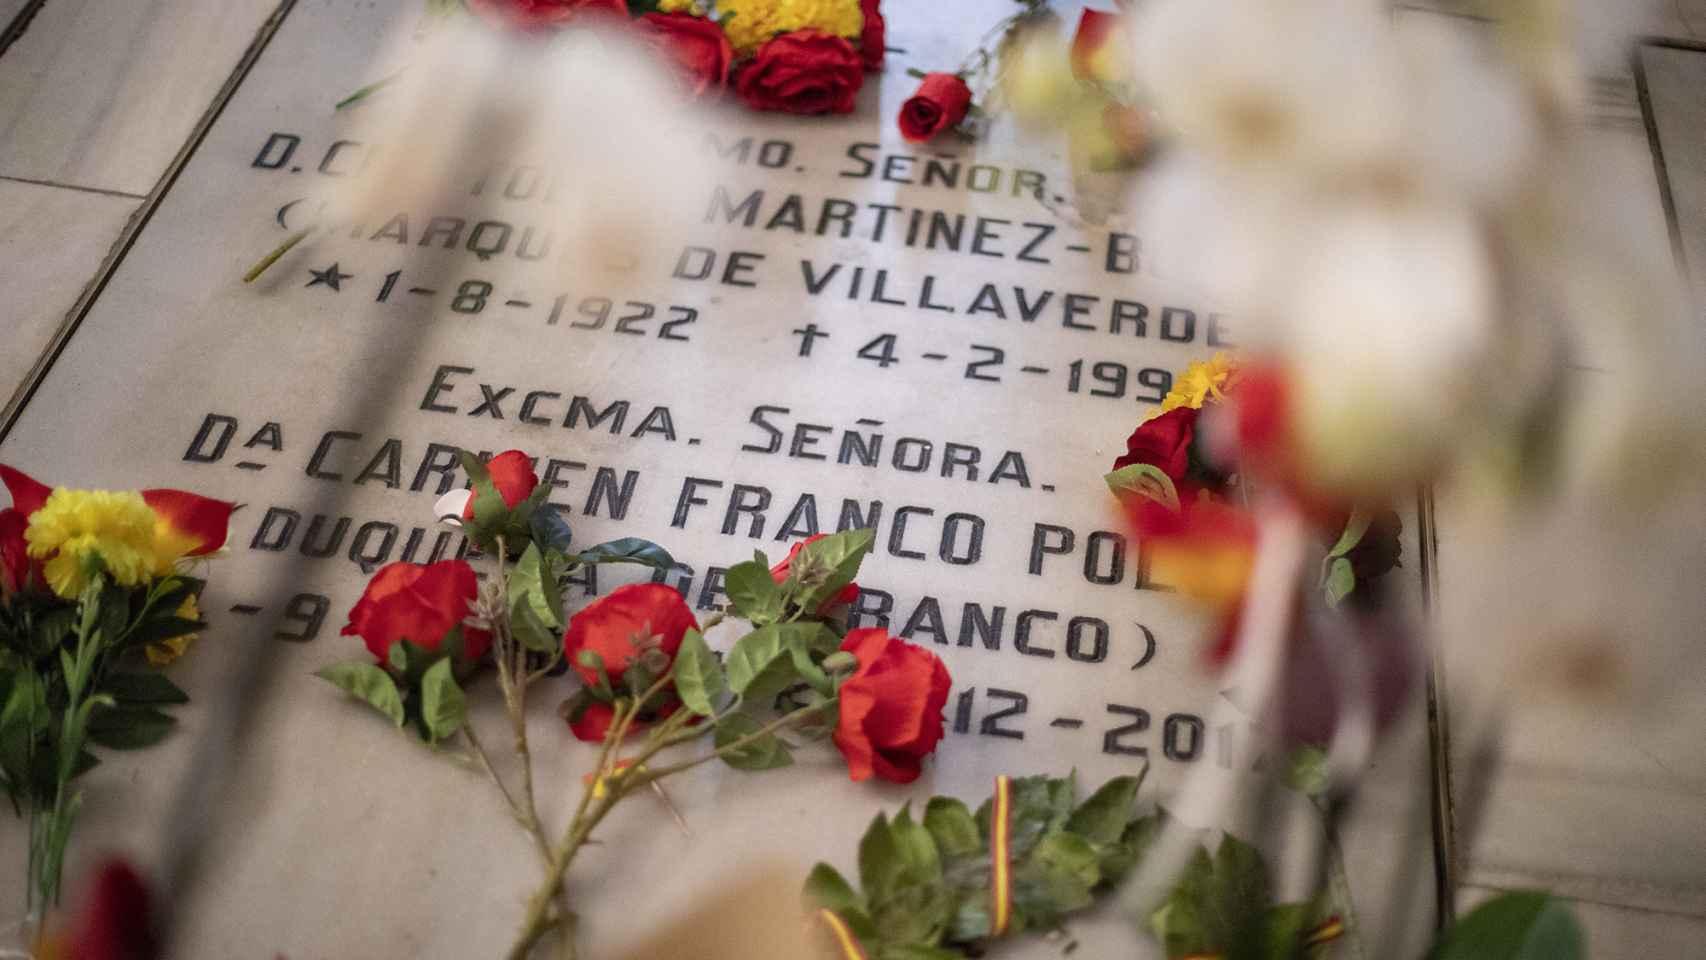 Las flores frescas se amontonaban sobre el nicho de la familia Franco.